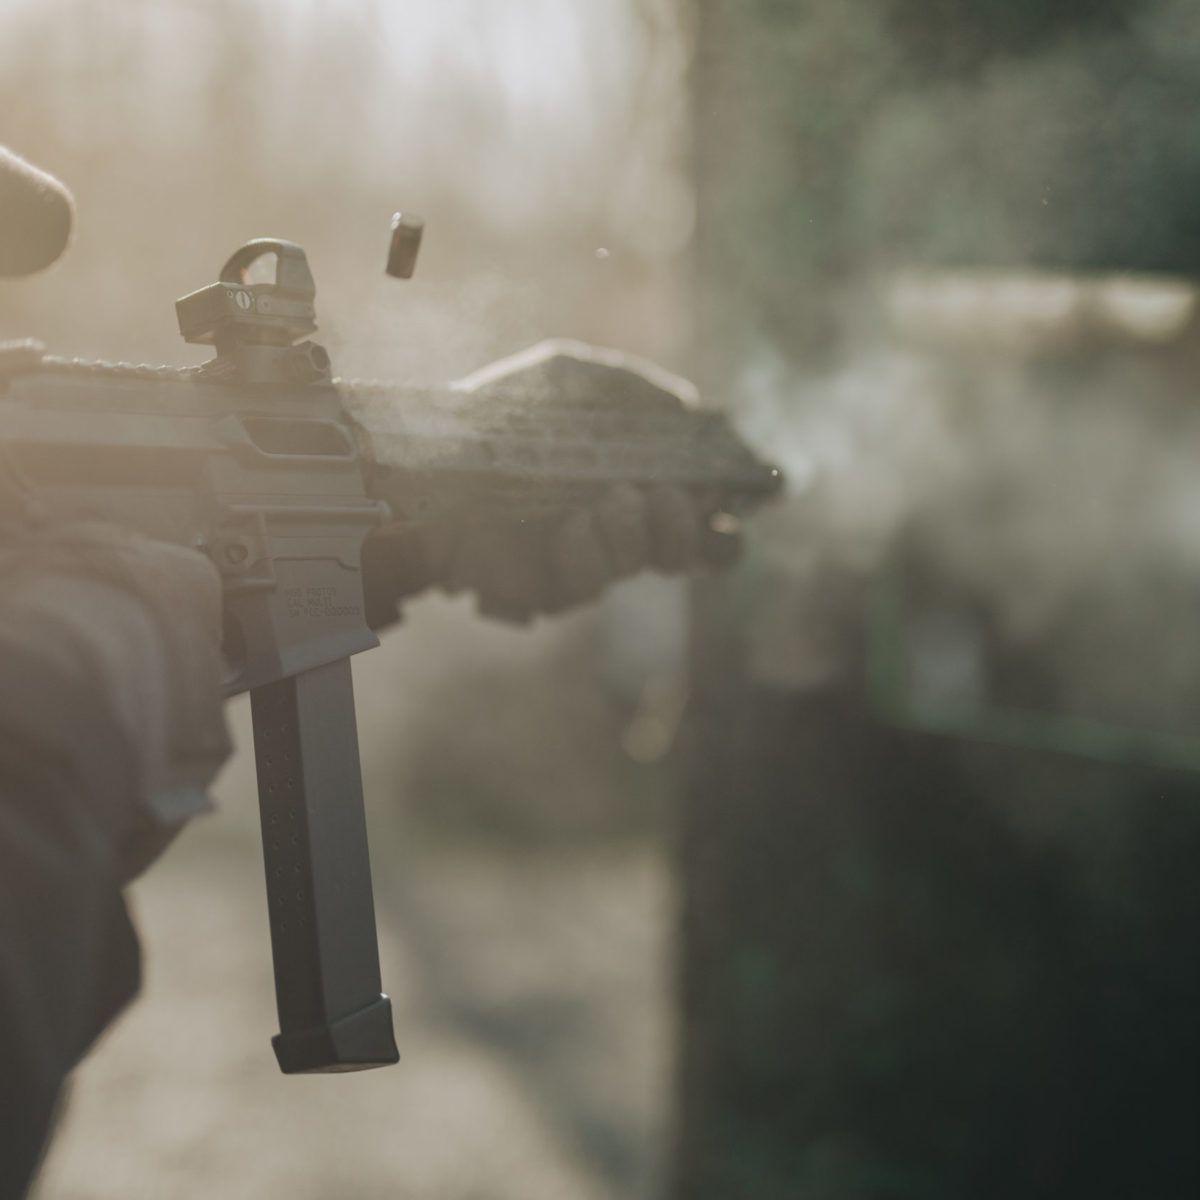 Aero Precision Launches EPC-9 Pistol Caliber Carbine